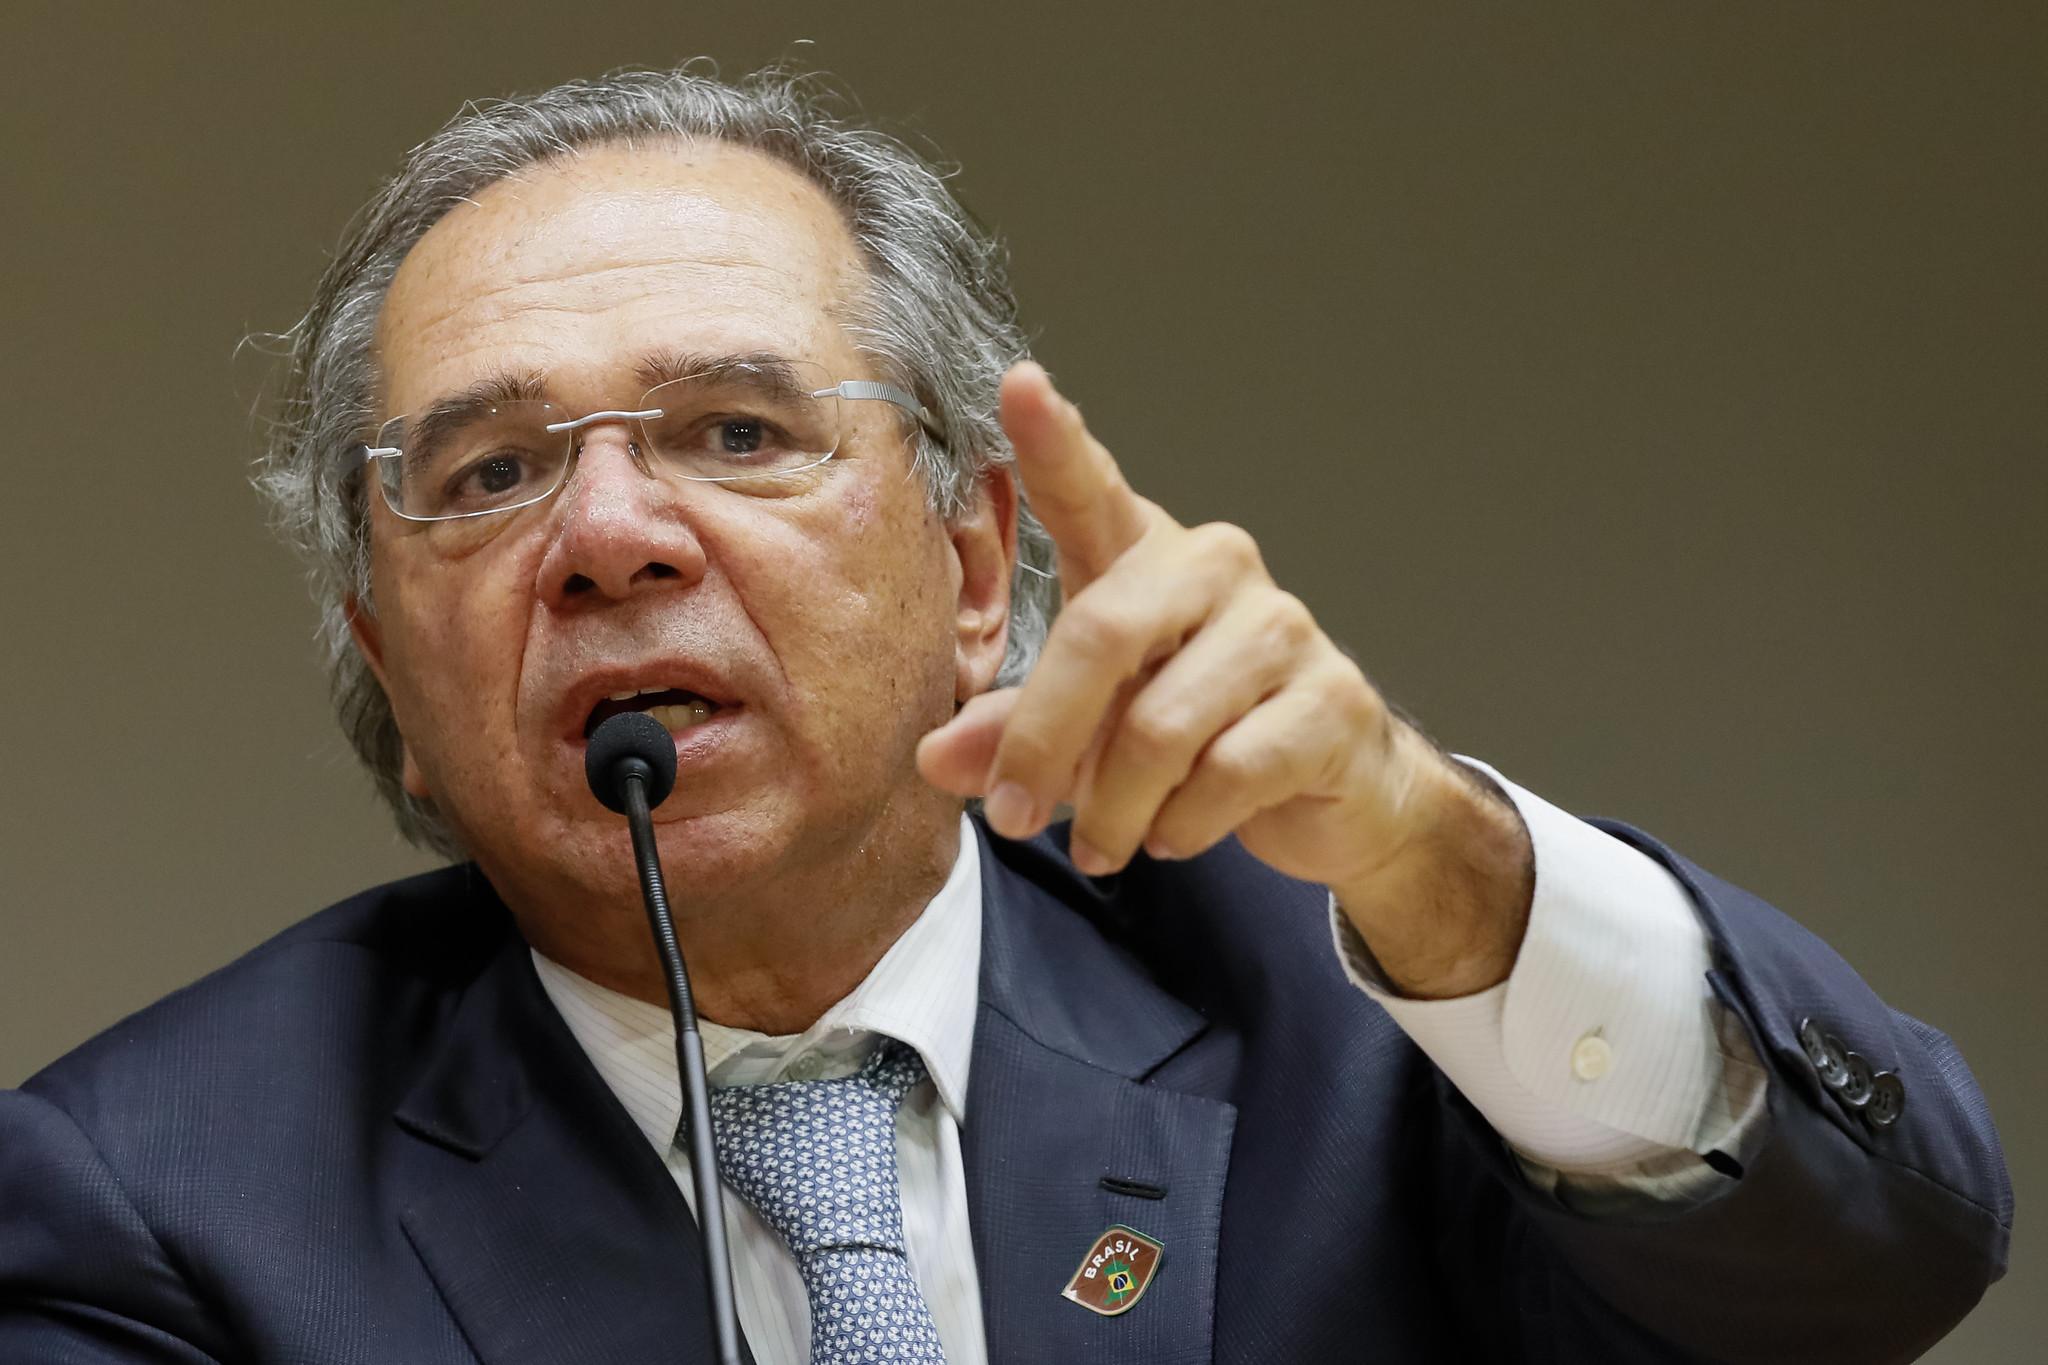 Coronavírus: 'Temos que continuar produzindo', diz Paulo Guedes | VEJA